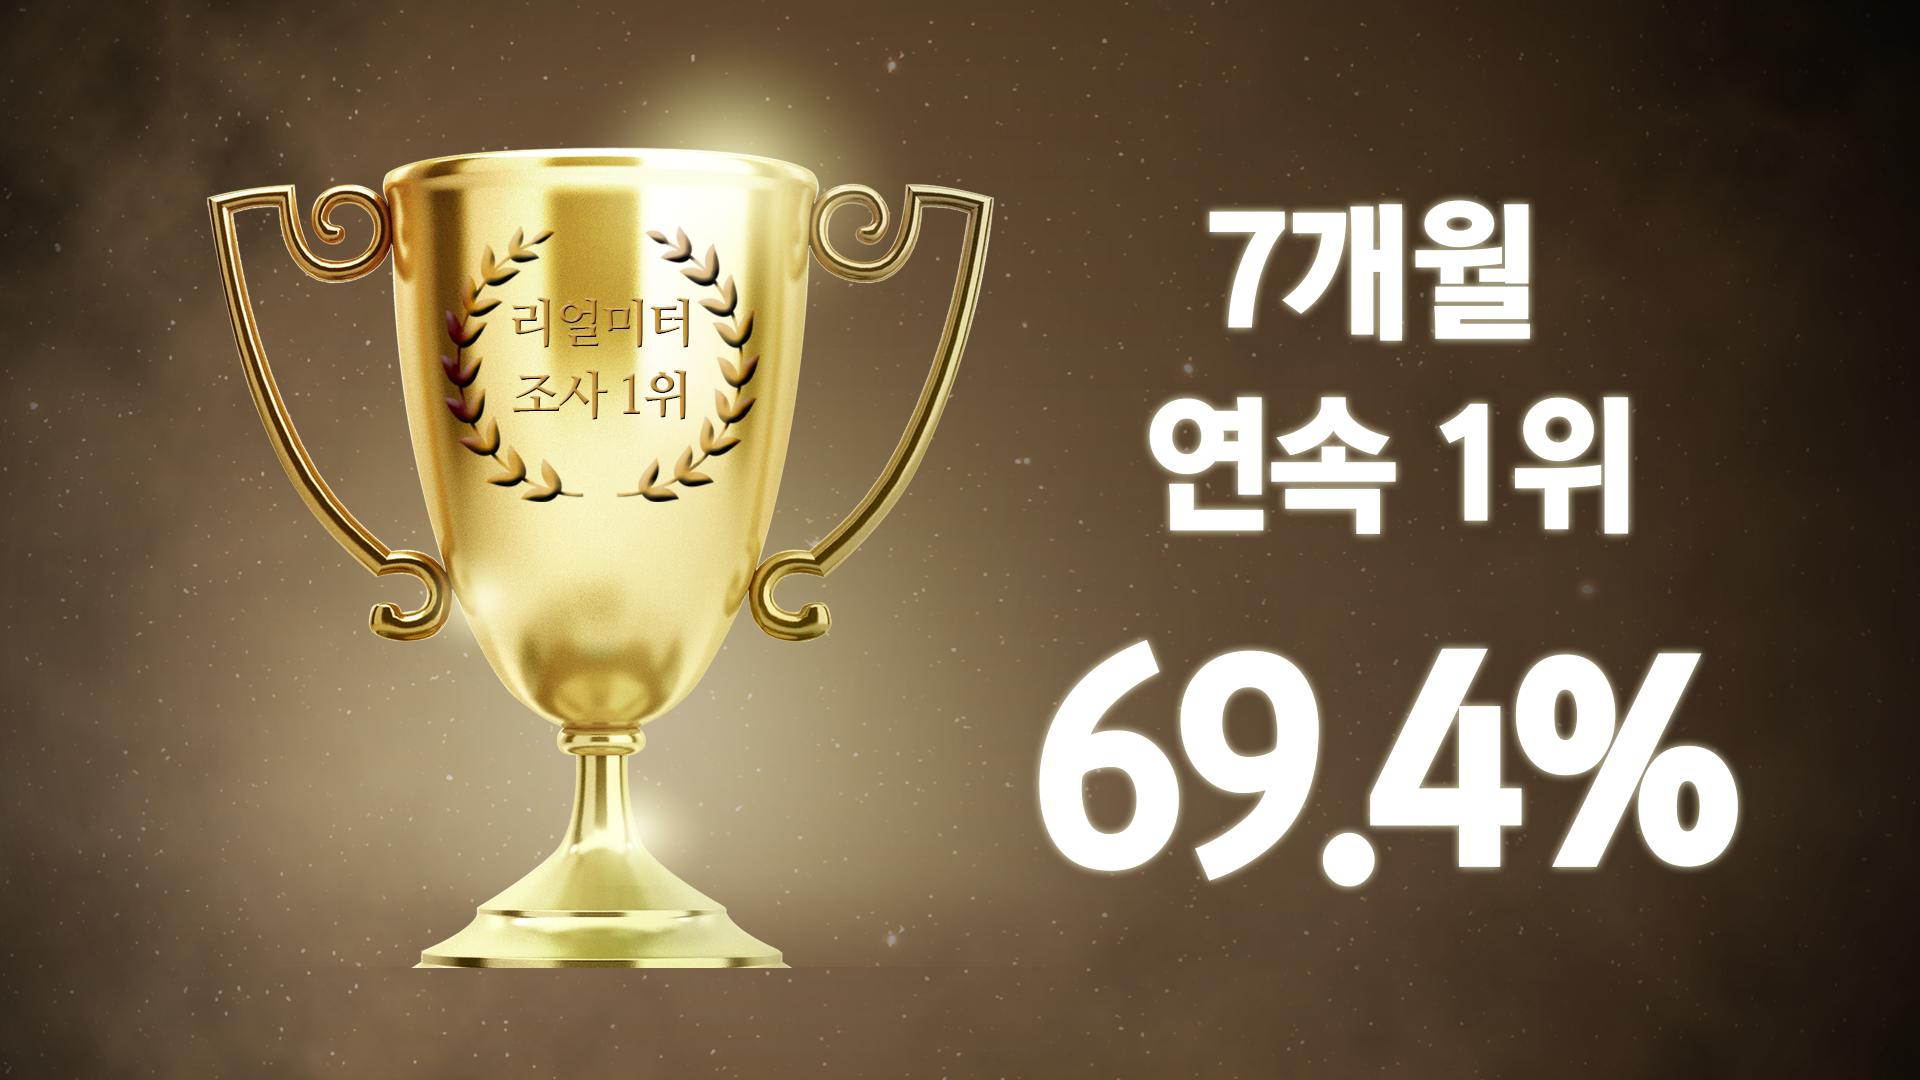 2017년 10월 리얼미터 1위